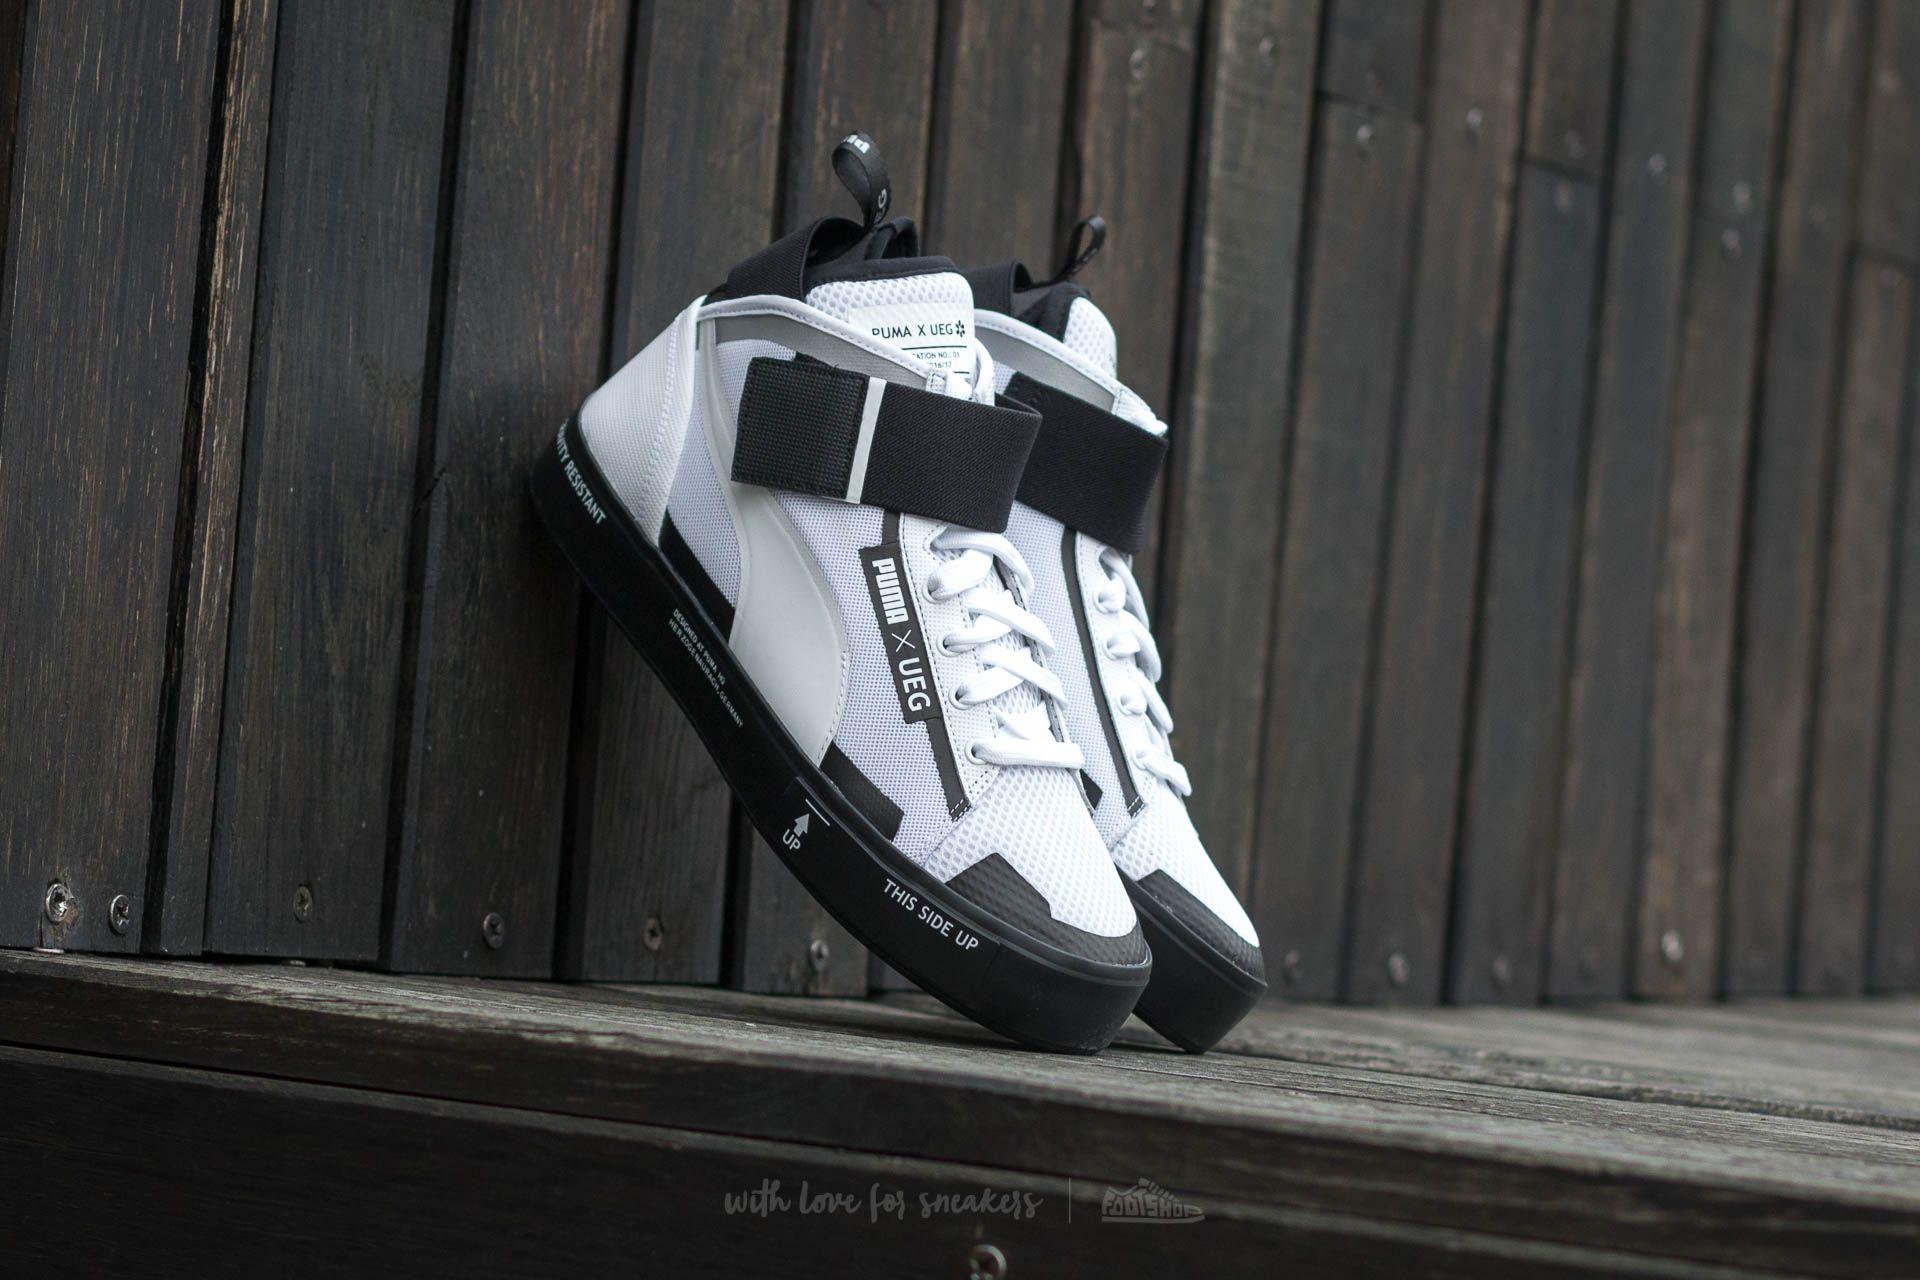 scarpe puma x